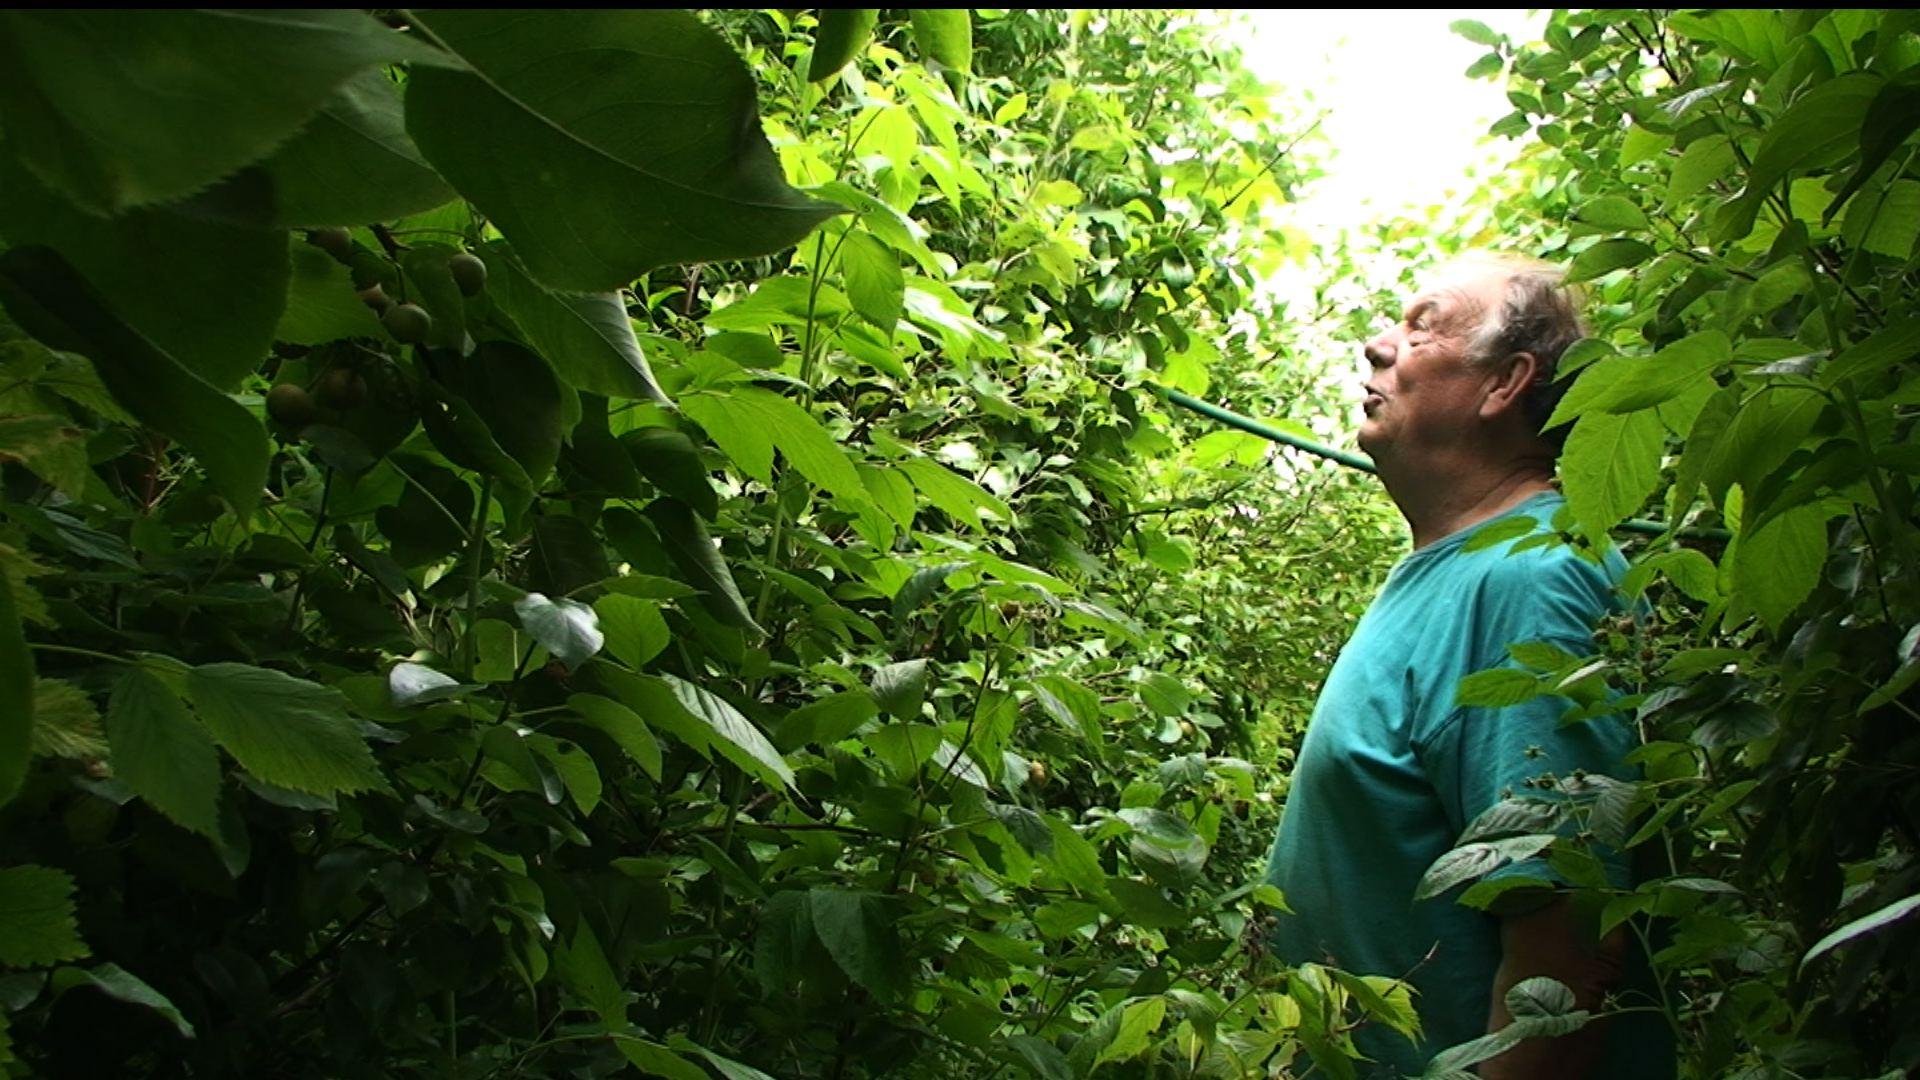 Gilbert Cardon, ilara estuetan landaturiko arbolaz inguratuta. Mikroklima berezi honetan fruitua ematen du normalean Belgikan emango ez lukeen hainbat landarek. (Argazkia: Benjamin Hennot)